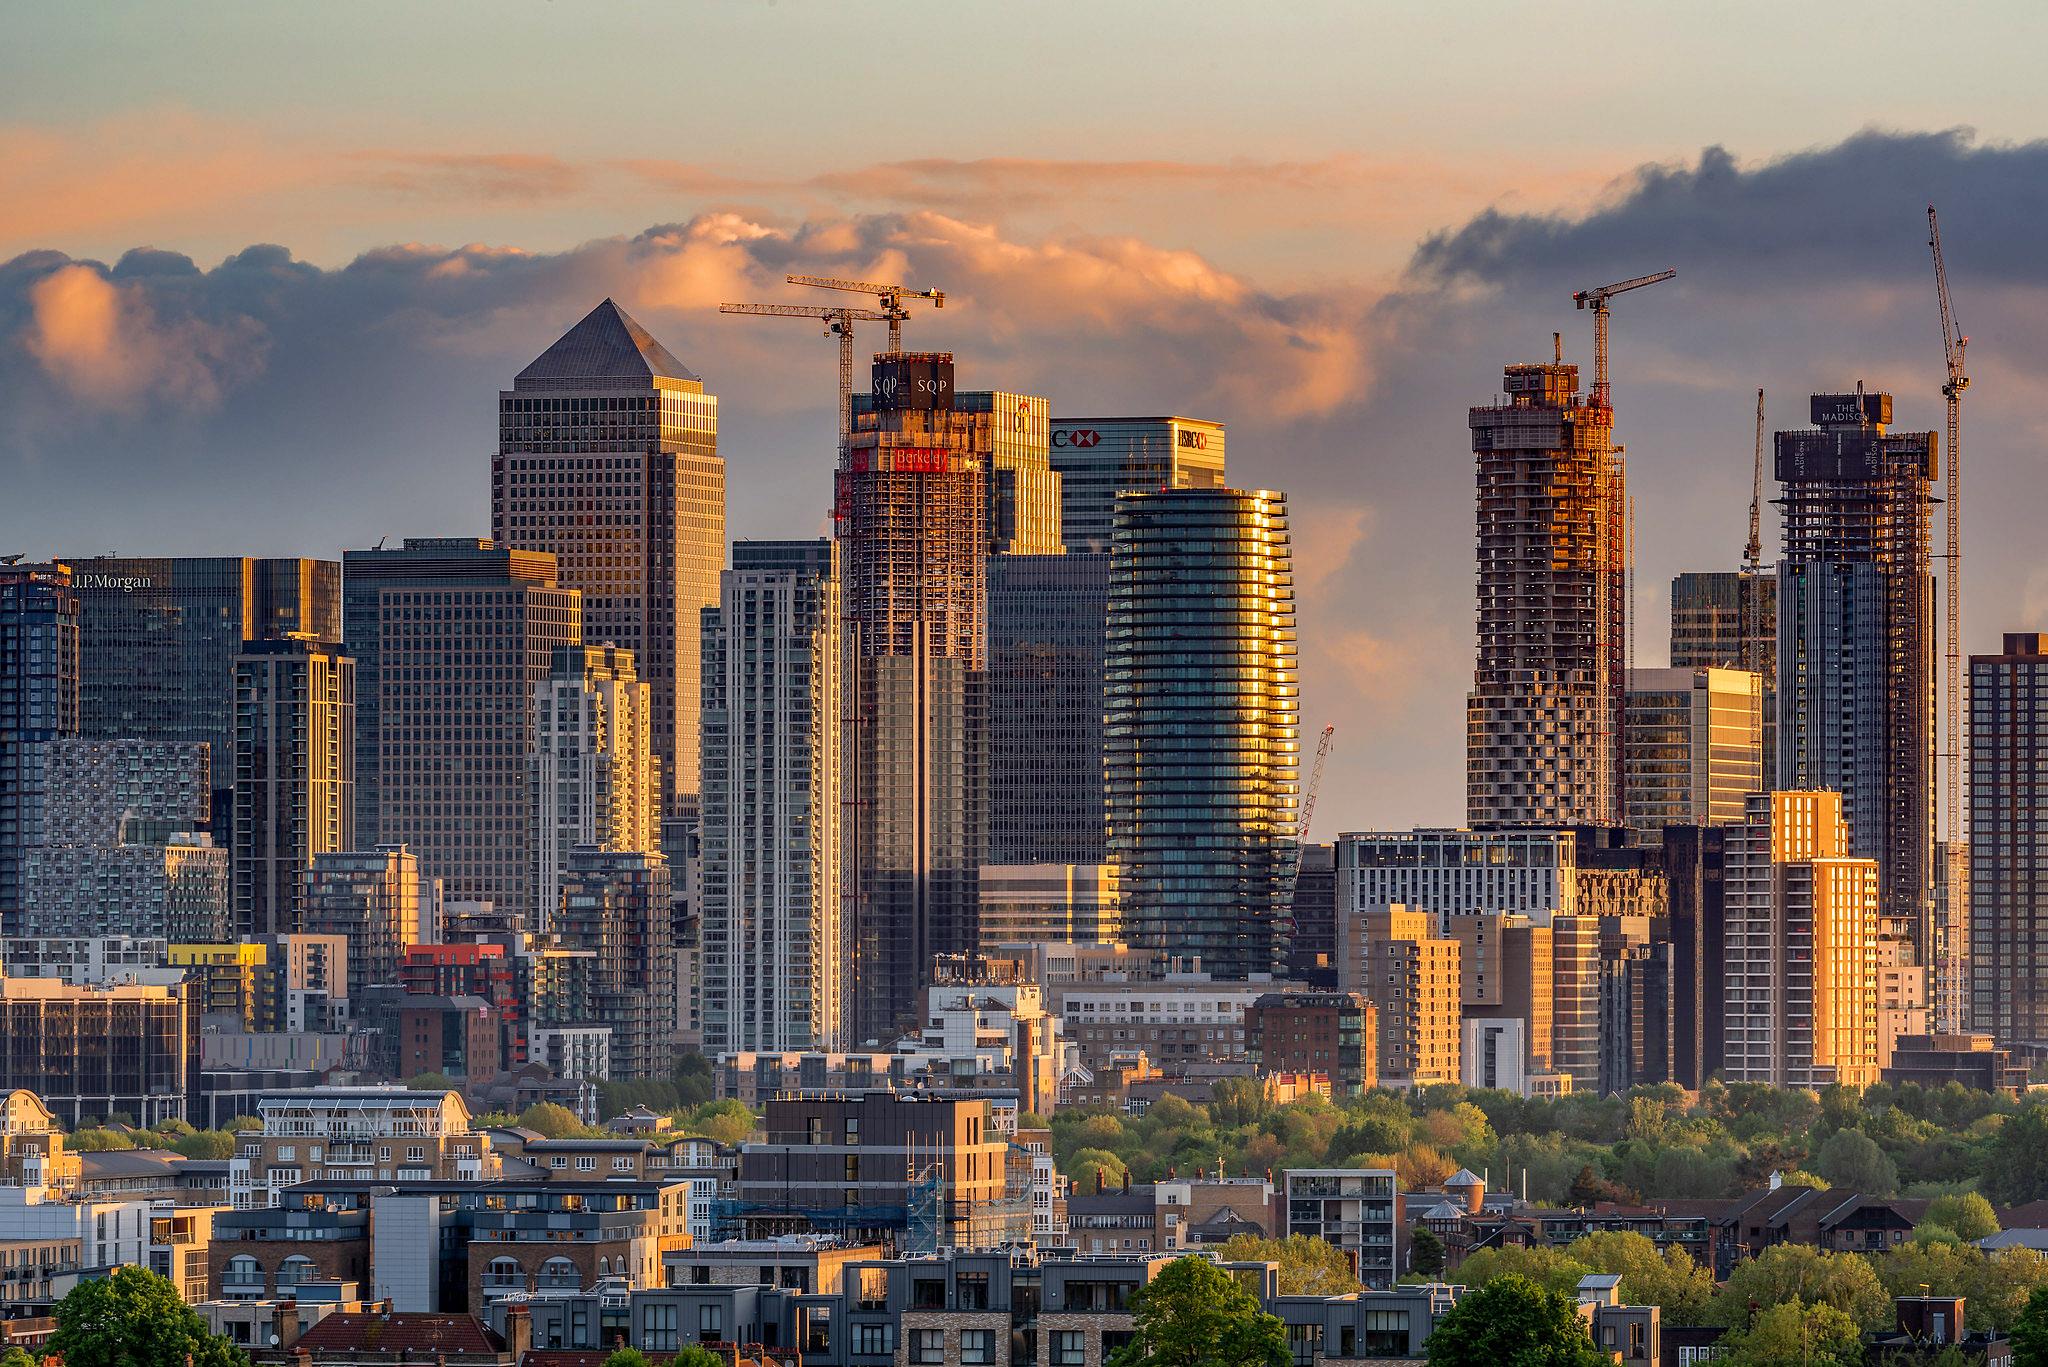 Canary Wharf, London by Aleem Yousaf.jpg